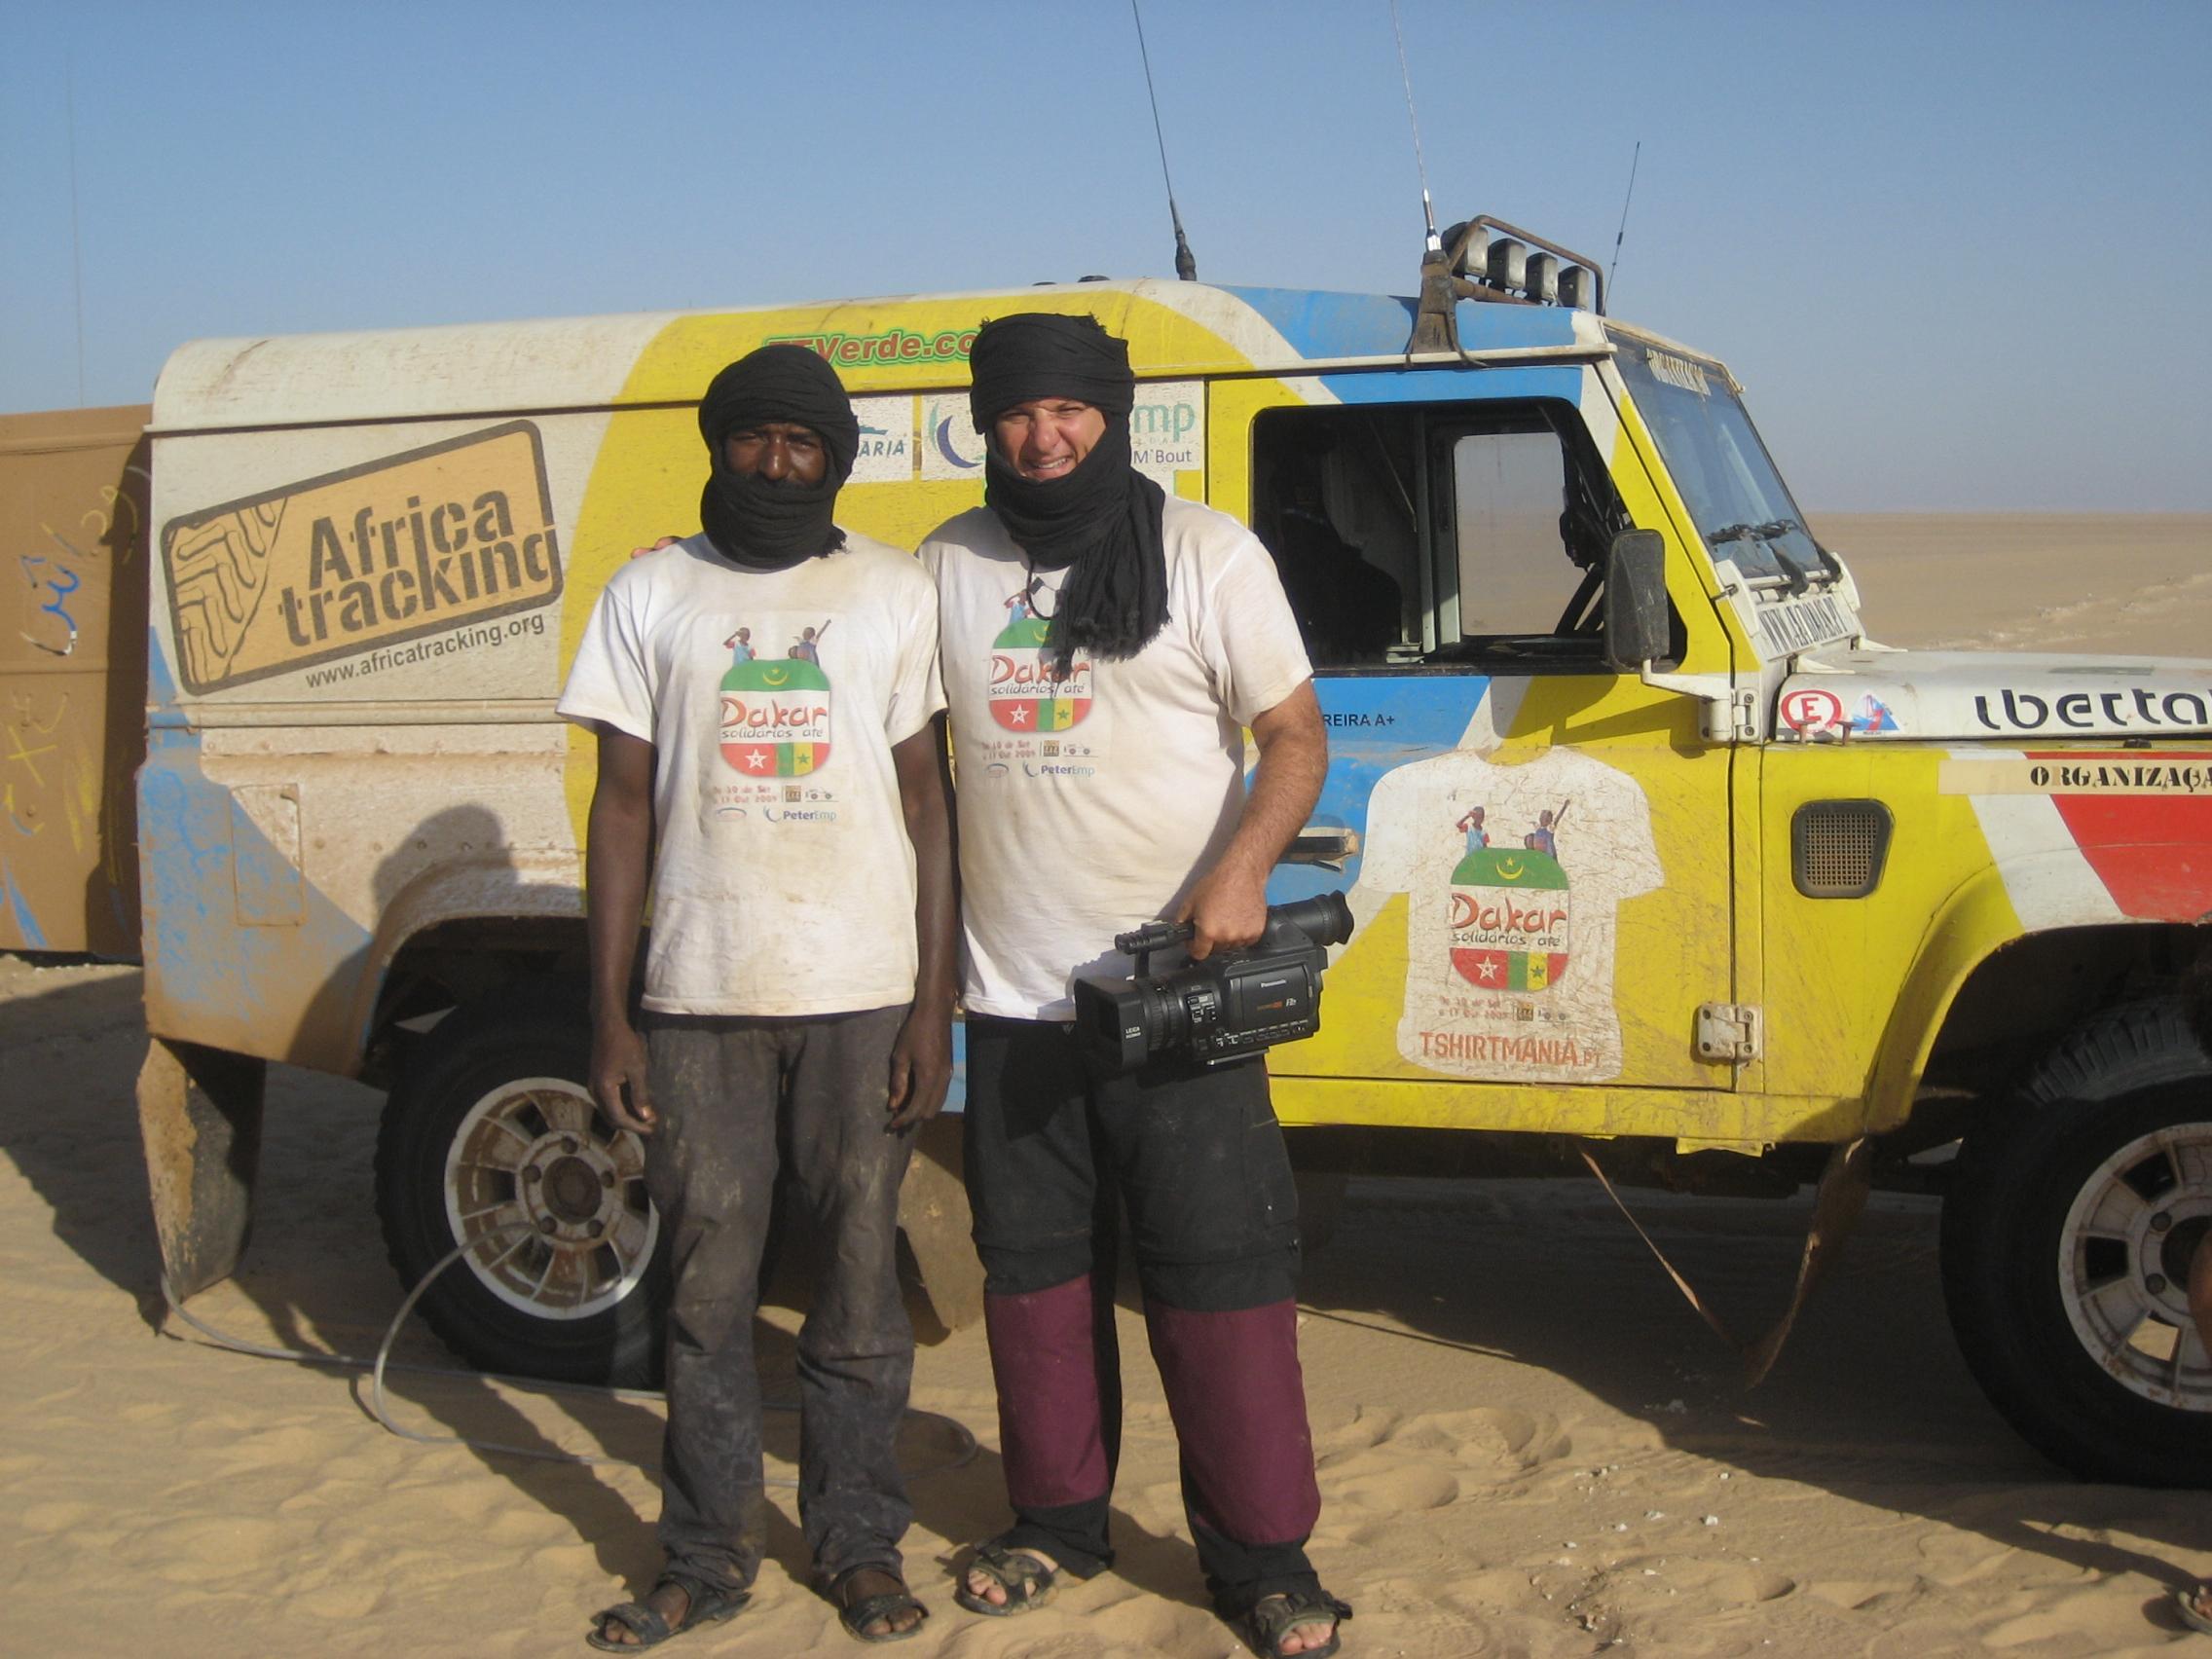 Saara, expedição solidária de Lisboa a Dakar. foto Sidi Sillah